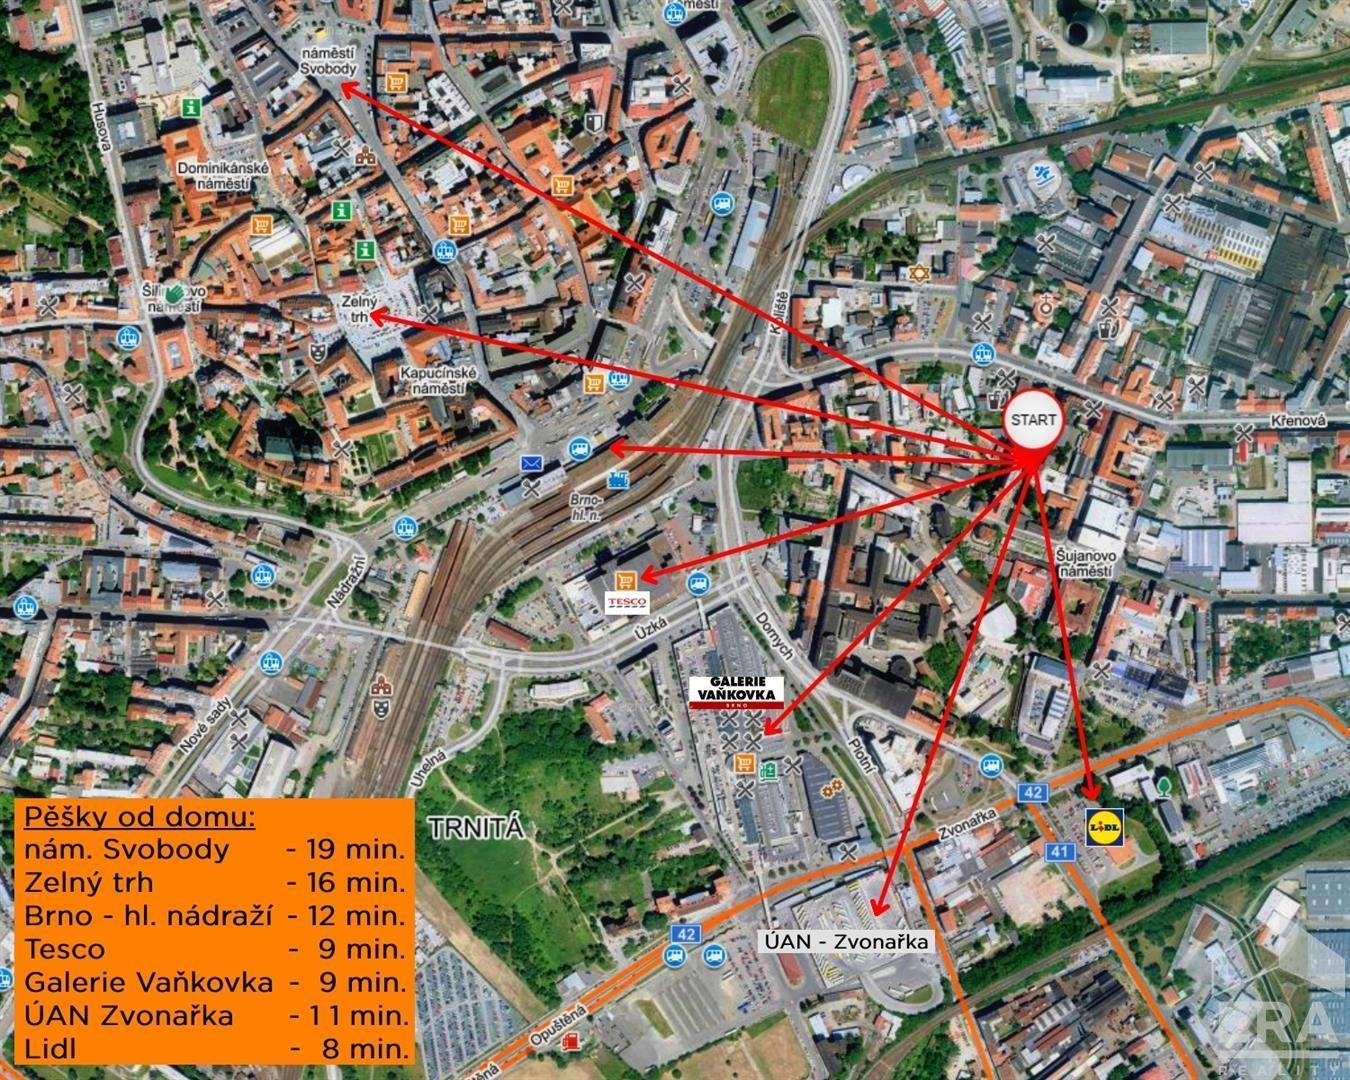 Prodej bytu 1+kk, 36 m2, Štěpánská, Brno